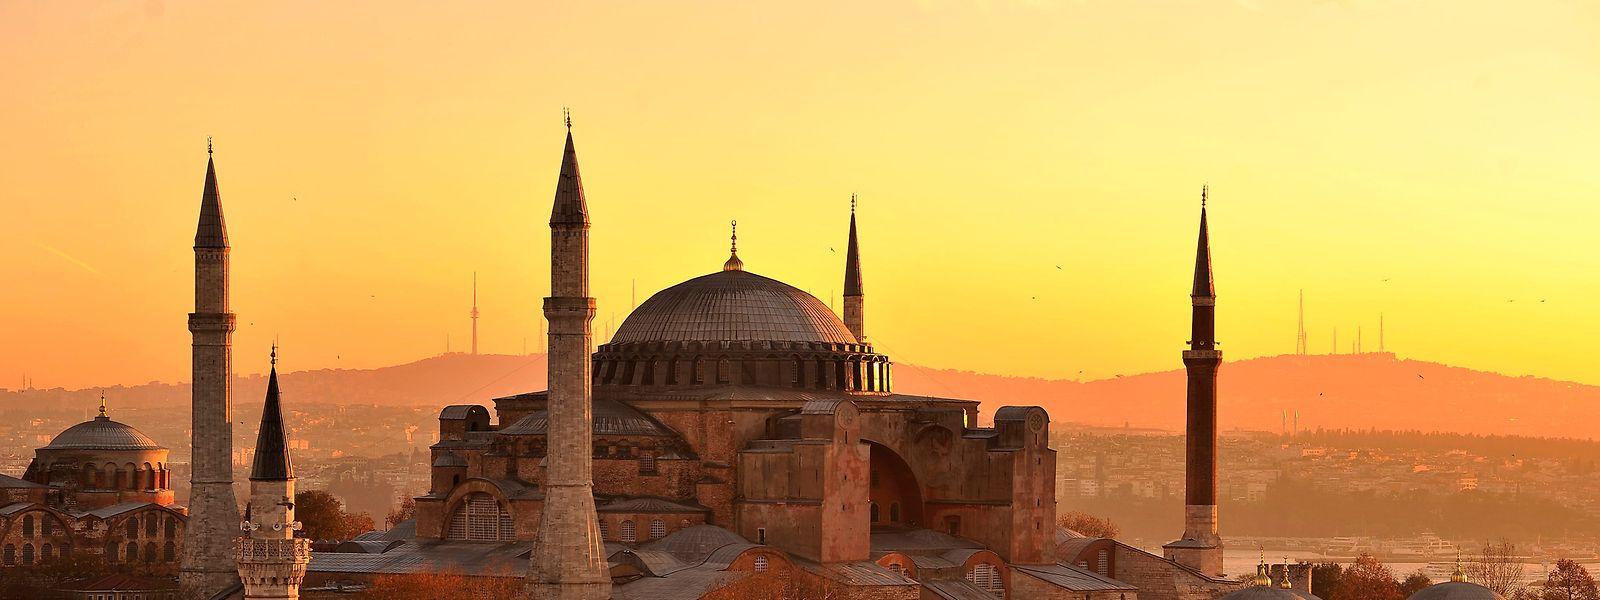 Die Hagia Sopia, aufgenommen kurz nach Sonnenaufgang. Das Oberste Verwaltungsgericht in der Türkei hat einem Bericht zufolge den Status des berühmten Gebäudes Hagia Sophia in Istanbul als Museum annulliert und damit den Weg zur Nutzung der einstigen Kirche als Moschee freigemacht. Das berichtete die staatliche Nachrichtenagentur Anadolu am Freitag.